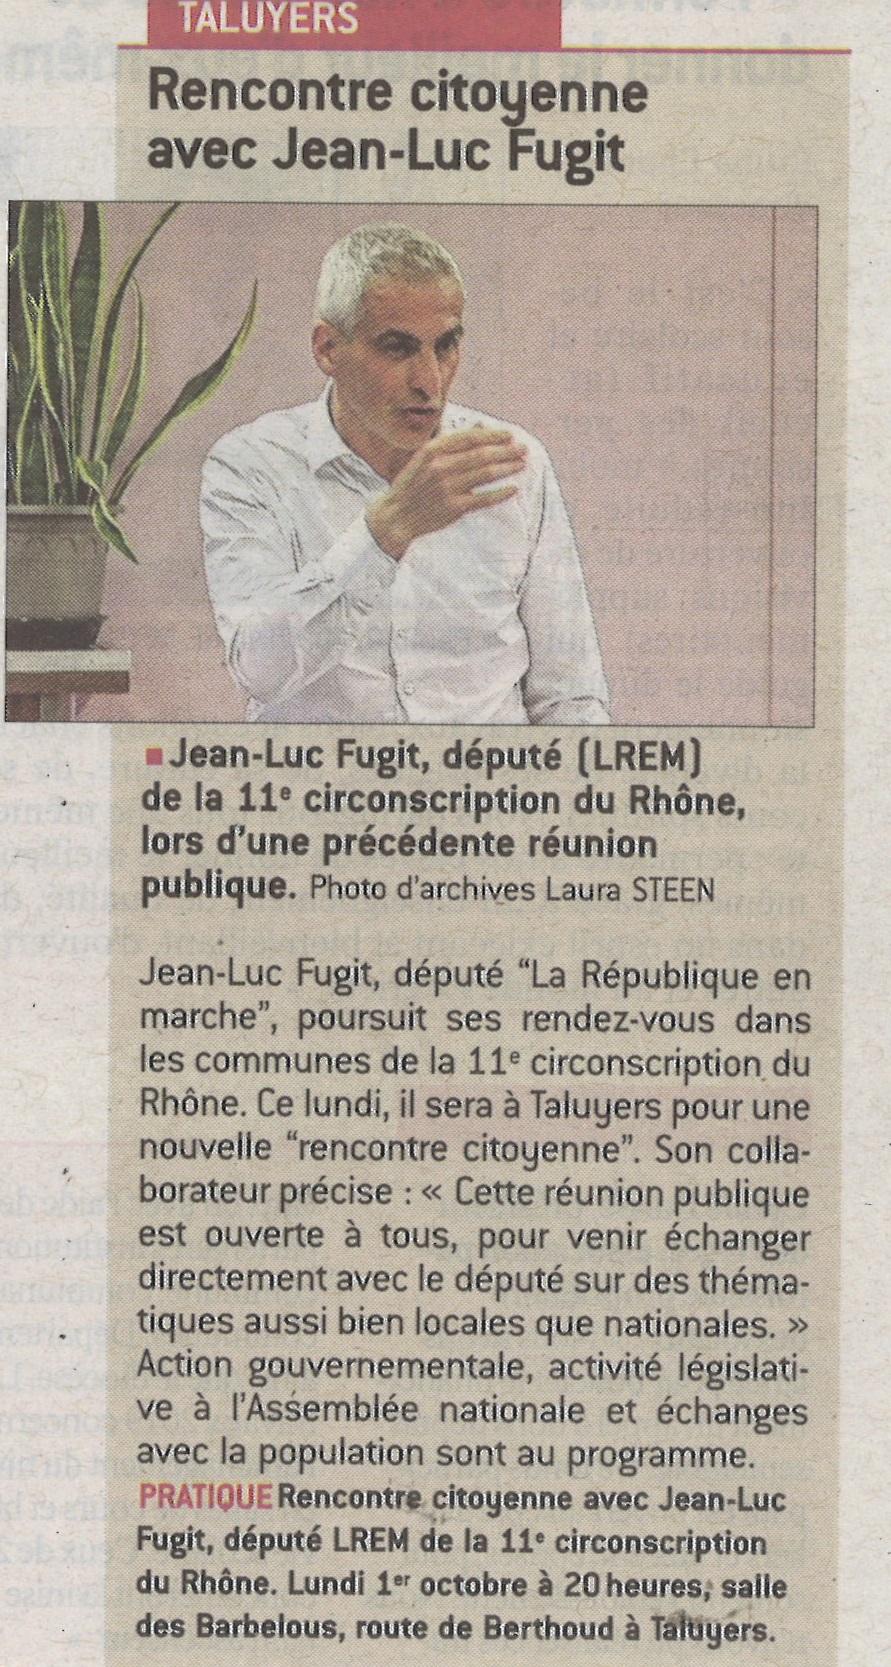 Rencontre citoyenne avec Jean-Luc Fugit